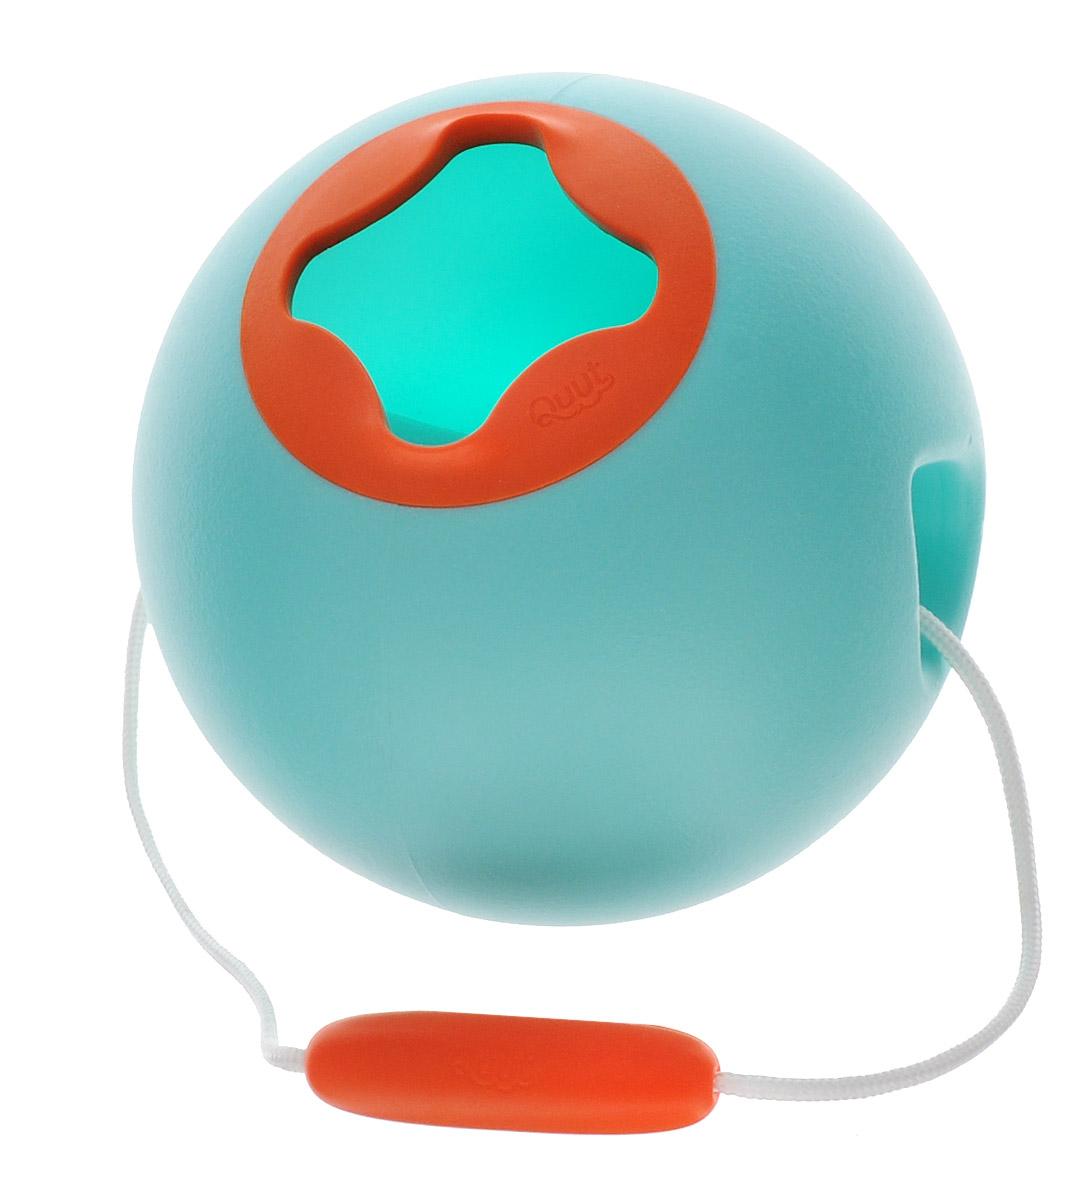 Quut Ведерко для воды Ballo цвет голубой170129Ведерко для воды Quut Ballo может и не похоже на ведерко, но дети будут его использовать именно так. Умный, современный дизайн и мягкая на ощупь отделка позволяют маленьким рукам без усилий заполнить его водой, побежать с ним по пляжу и легко вылить. Его сферическая форма невероятно устойчива, а значит, вода почти не проливается. Никогда раньше не было так весело носить воду к песочному замку!